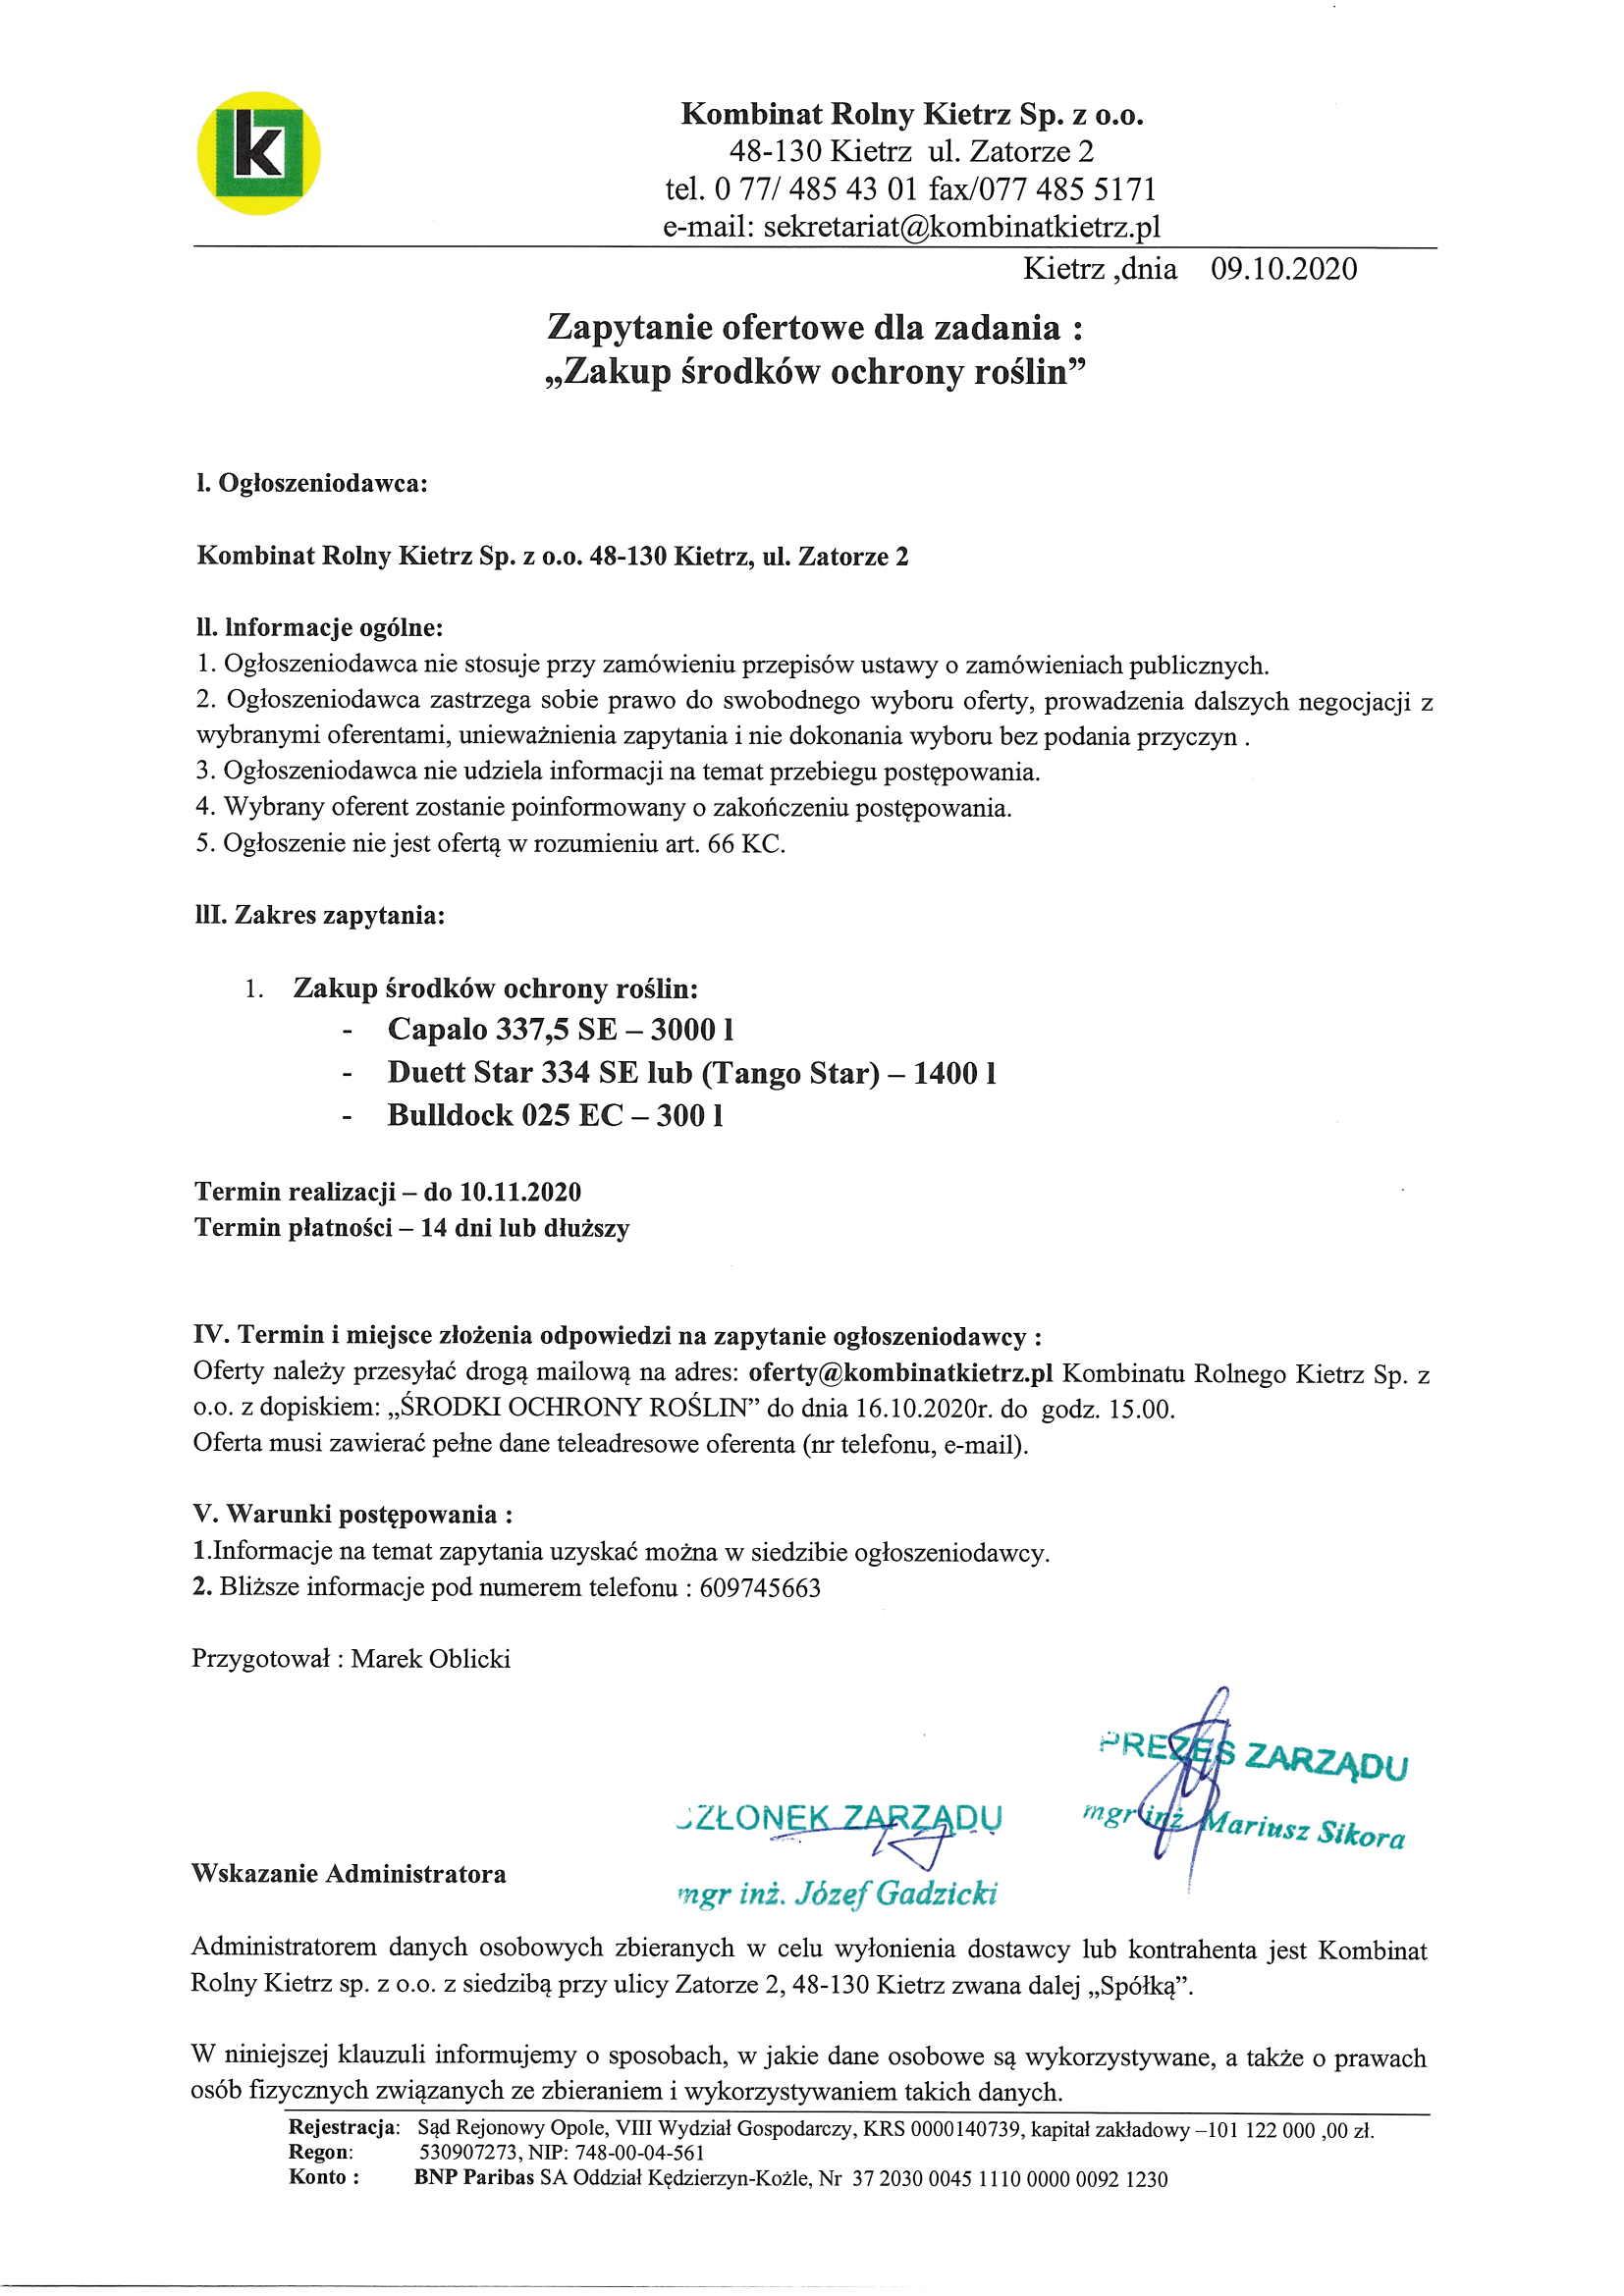 krkietrzsekretariatgmailcom-000  1jpg